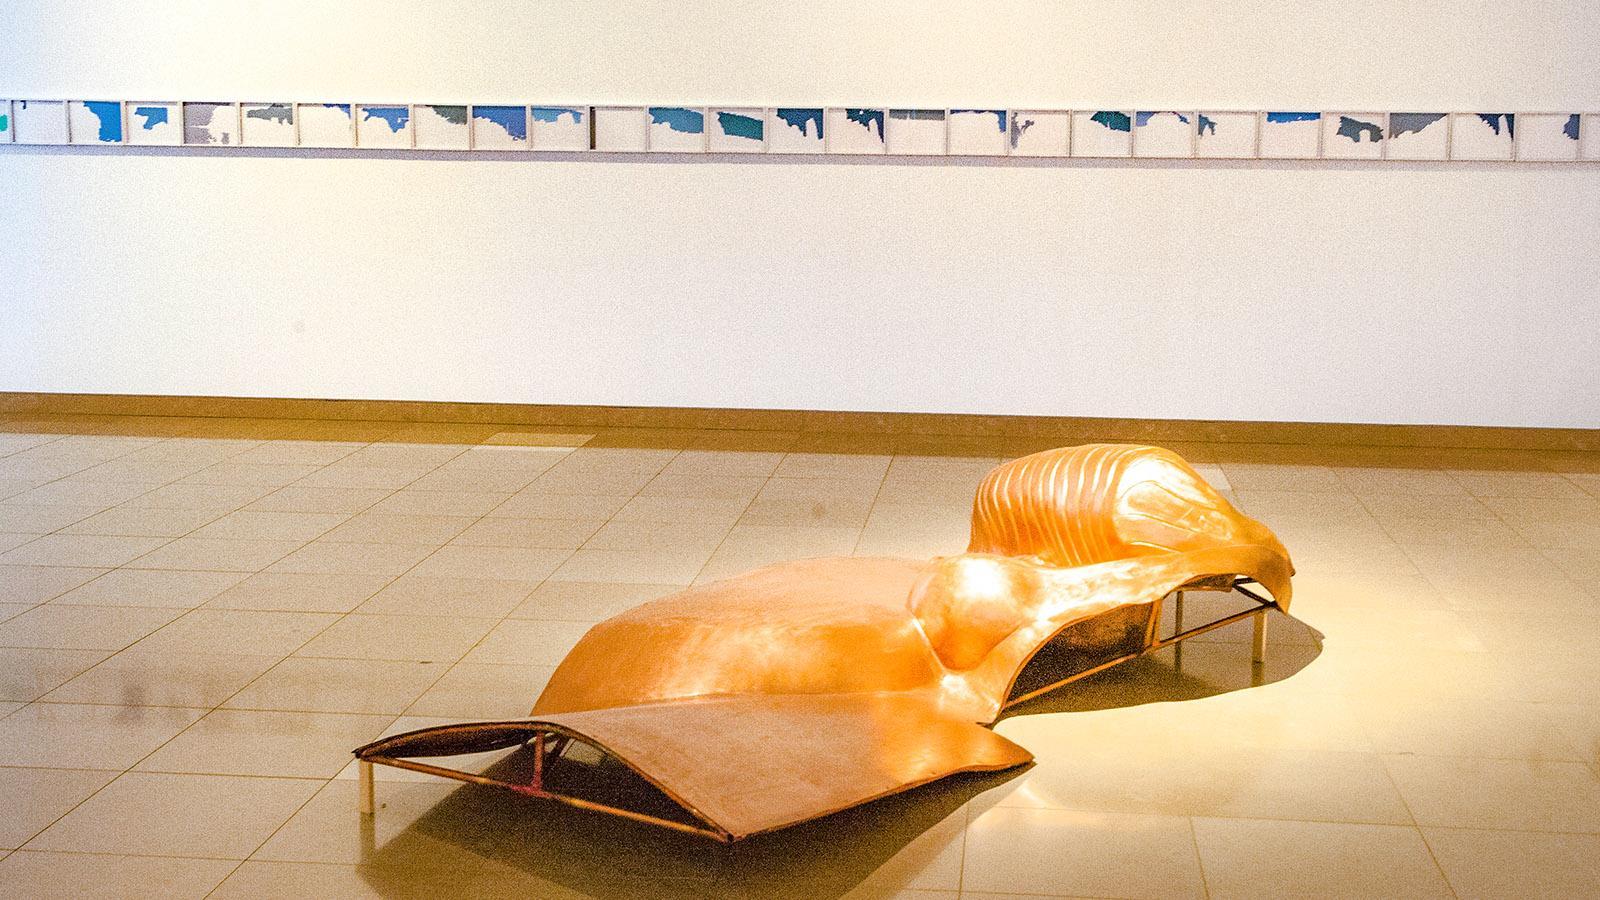 Nîmes: Jahresausstellung im Carré d'Art 2018. Hilke Maunder